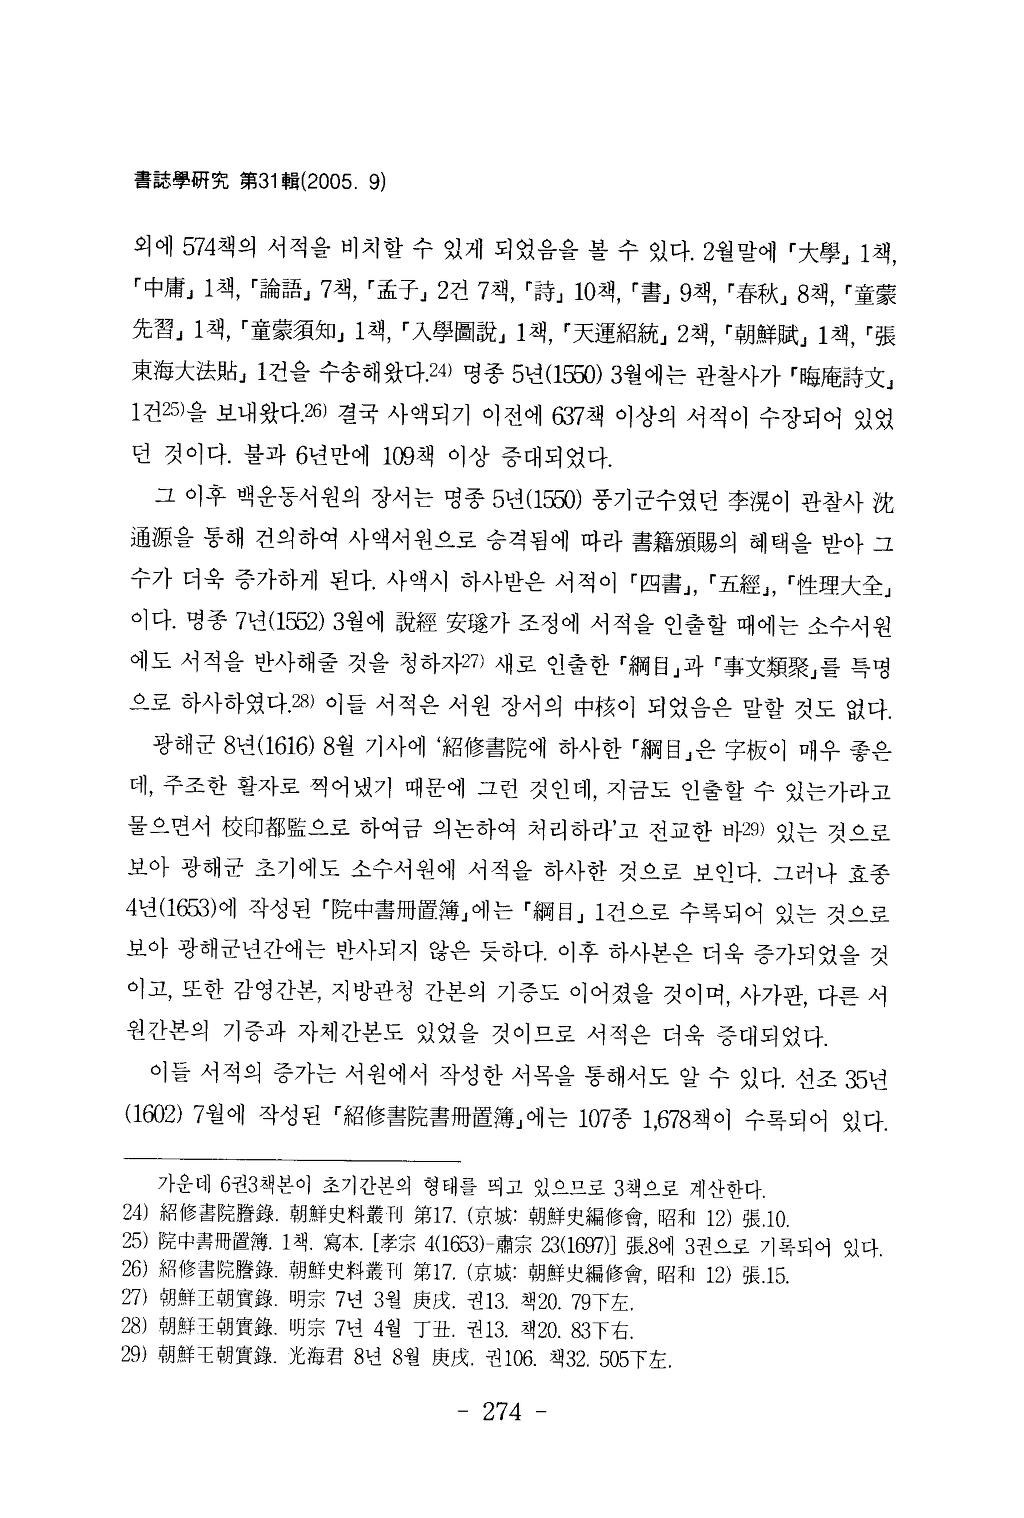 소수서원(紹修書院)_수장(收藏)과_간행_서적고(書籍考)_페이지_12.png